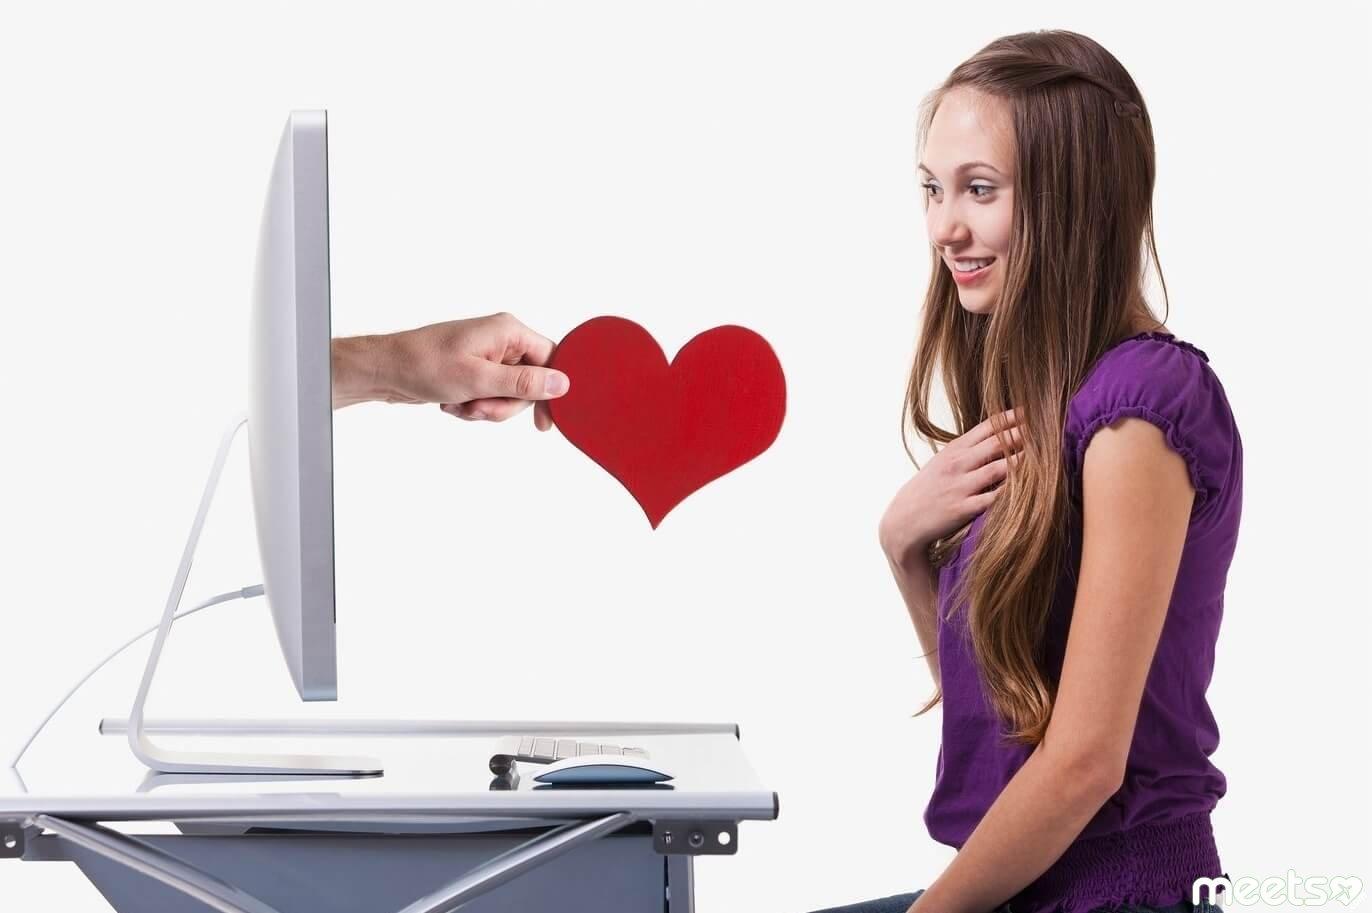 Как сделать приятно девушке в соц сети